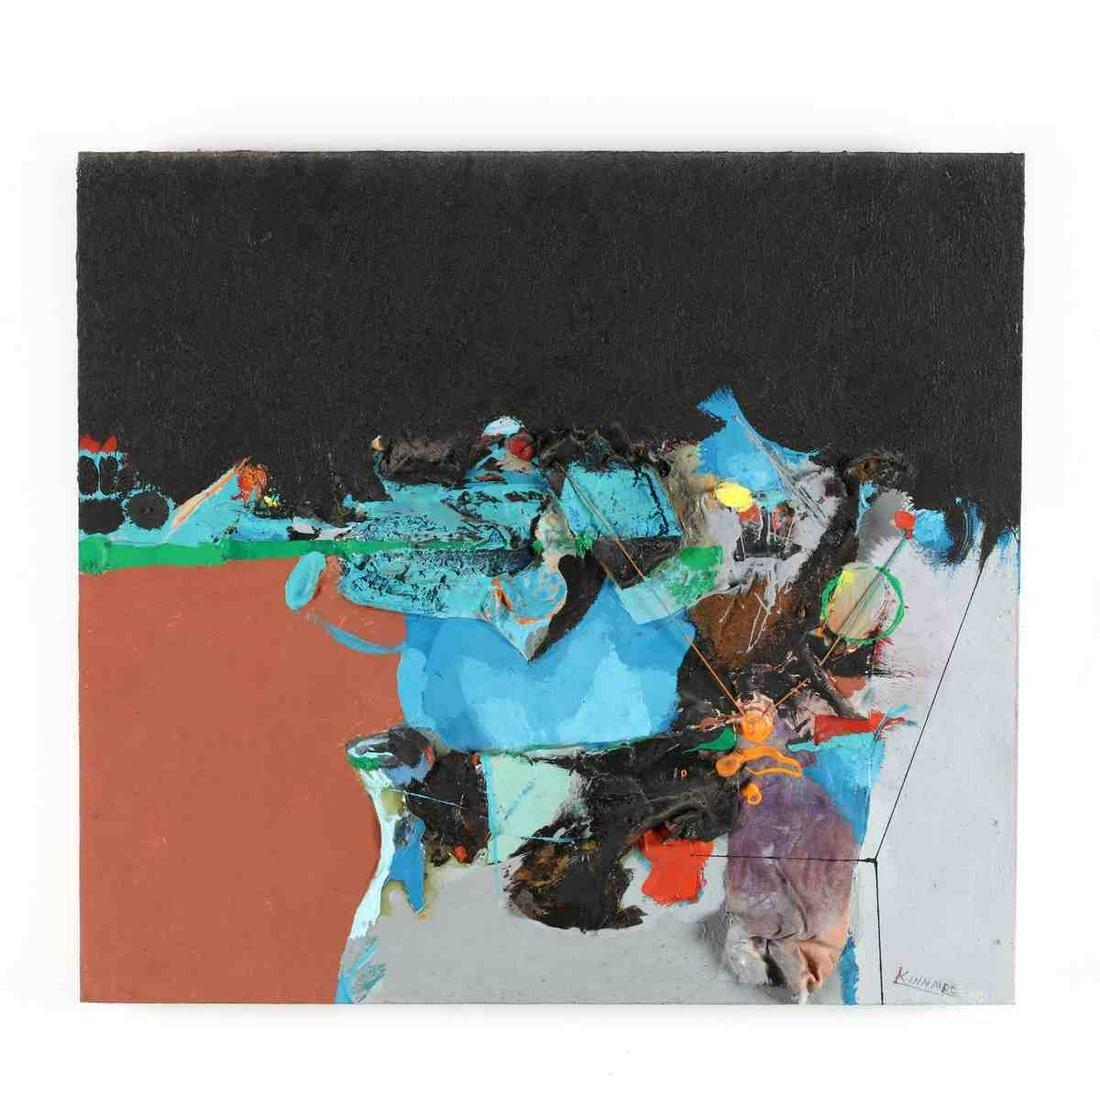 Richard Kinnaird (NC, 1931-2013), Untitled